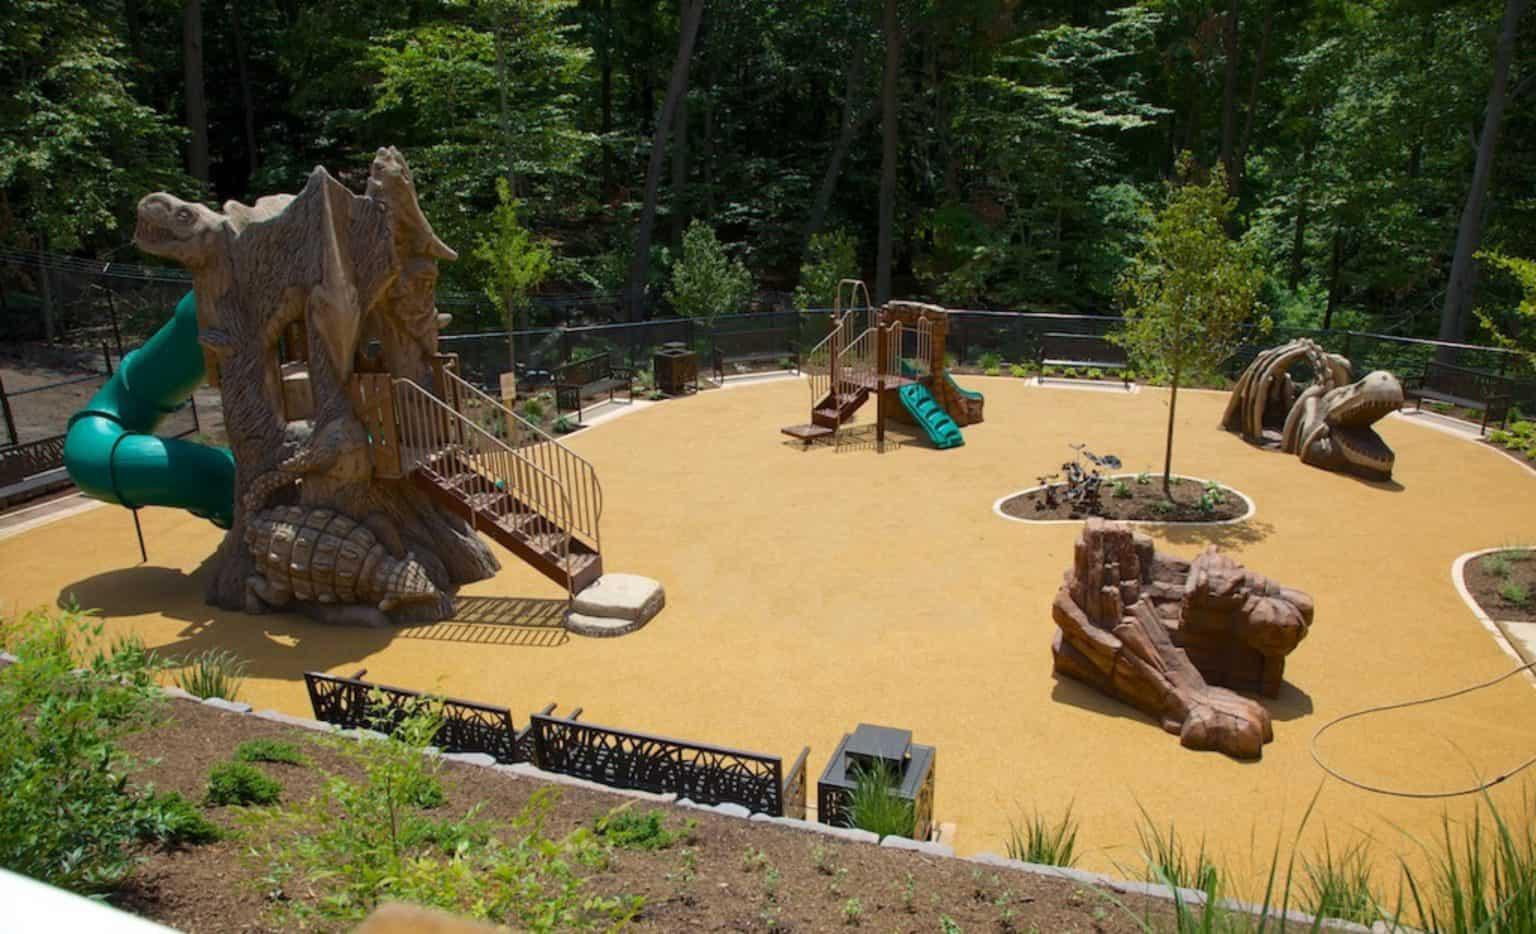 turtle-back-zoo-playground-west-orange-nj_11519275193_o-1536x934